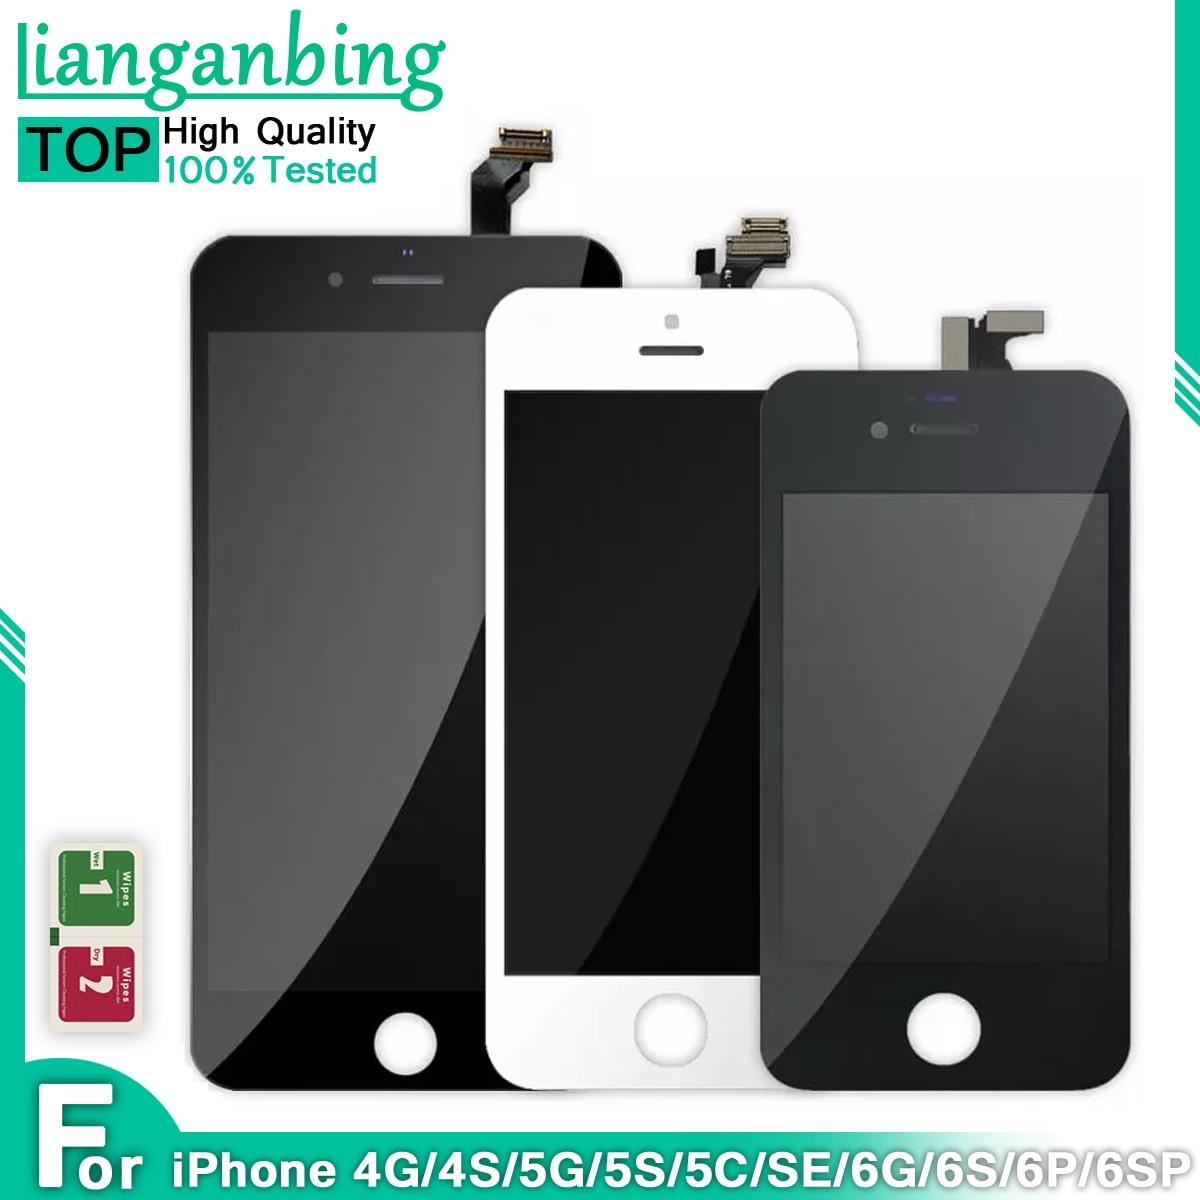 ЖК-дисплей качества AAA для Apple iPhone 4, 5 5S SE, 6, 6S, 6, 6S plus, дисплей с сенсорным экраном и дигитайзером в сборе, Замена + закаленное стекло